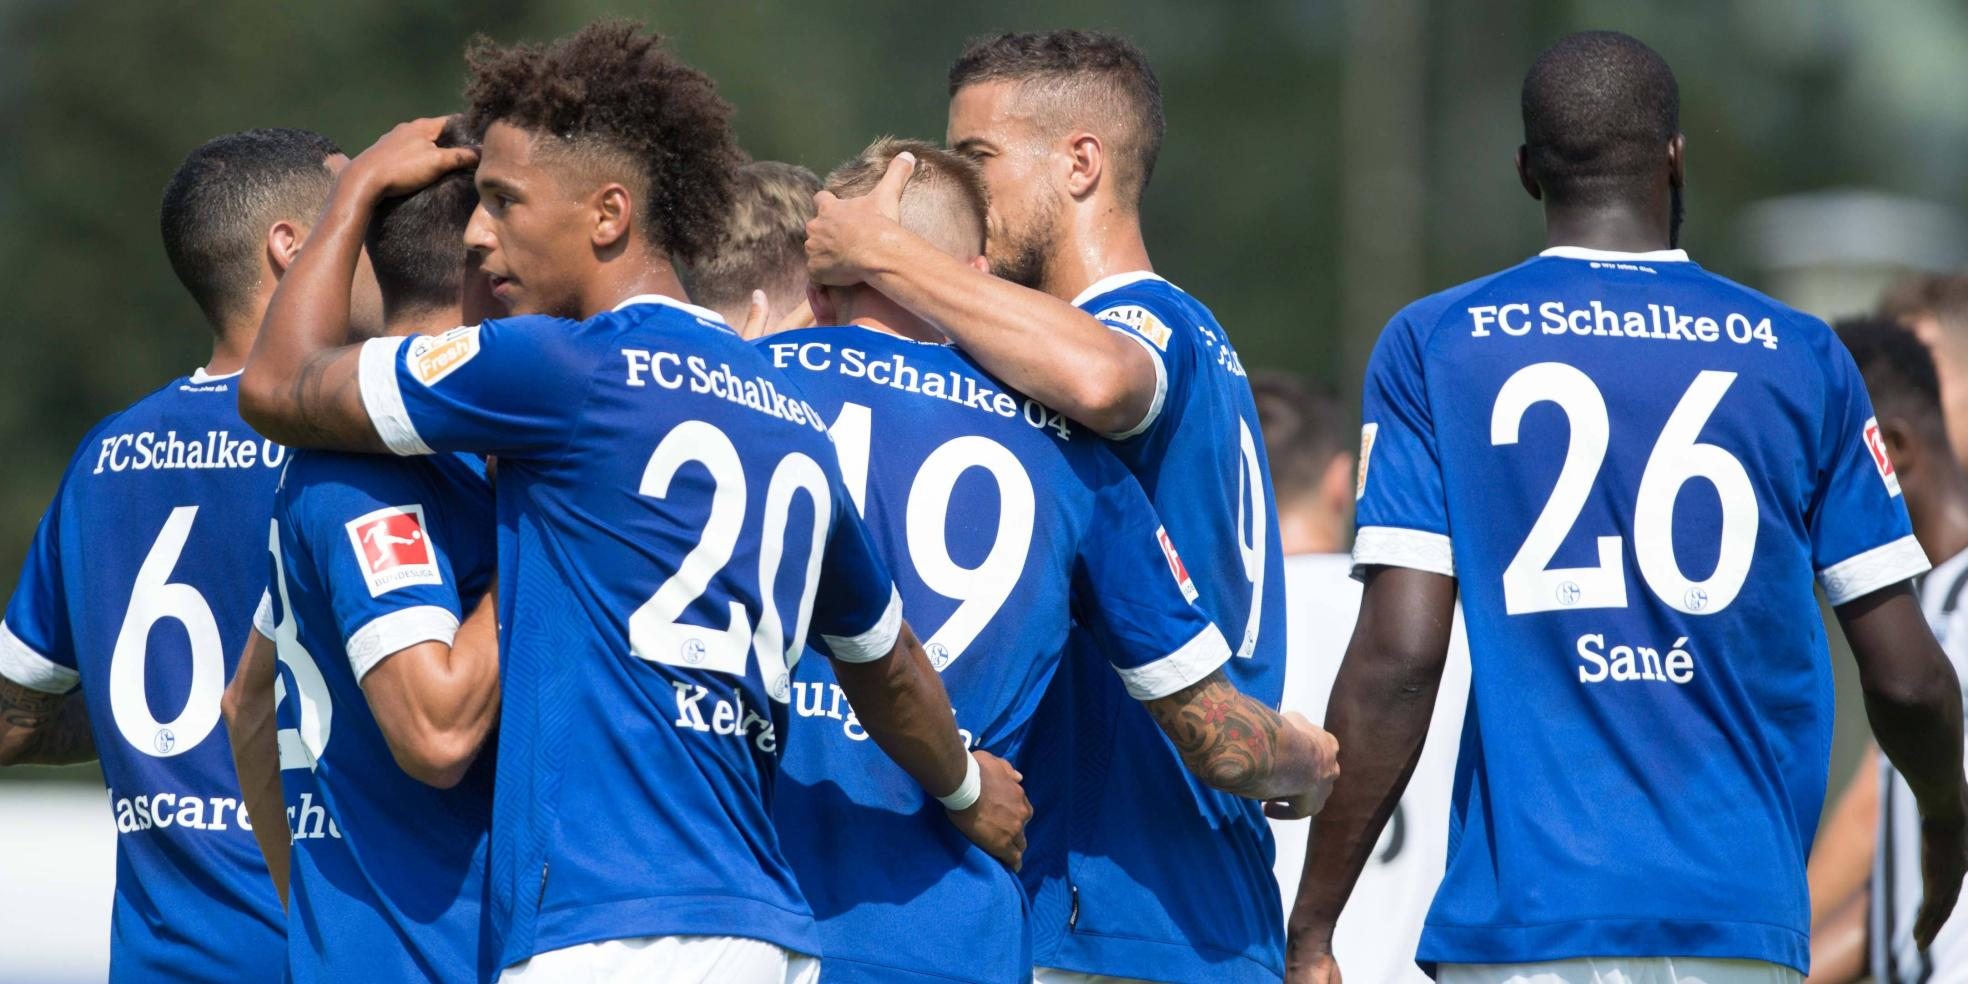 Der FC Schalke 04 feiert ein Tor von Burgstaller